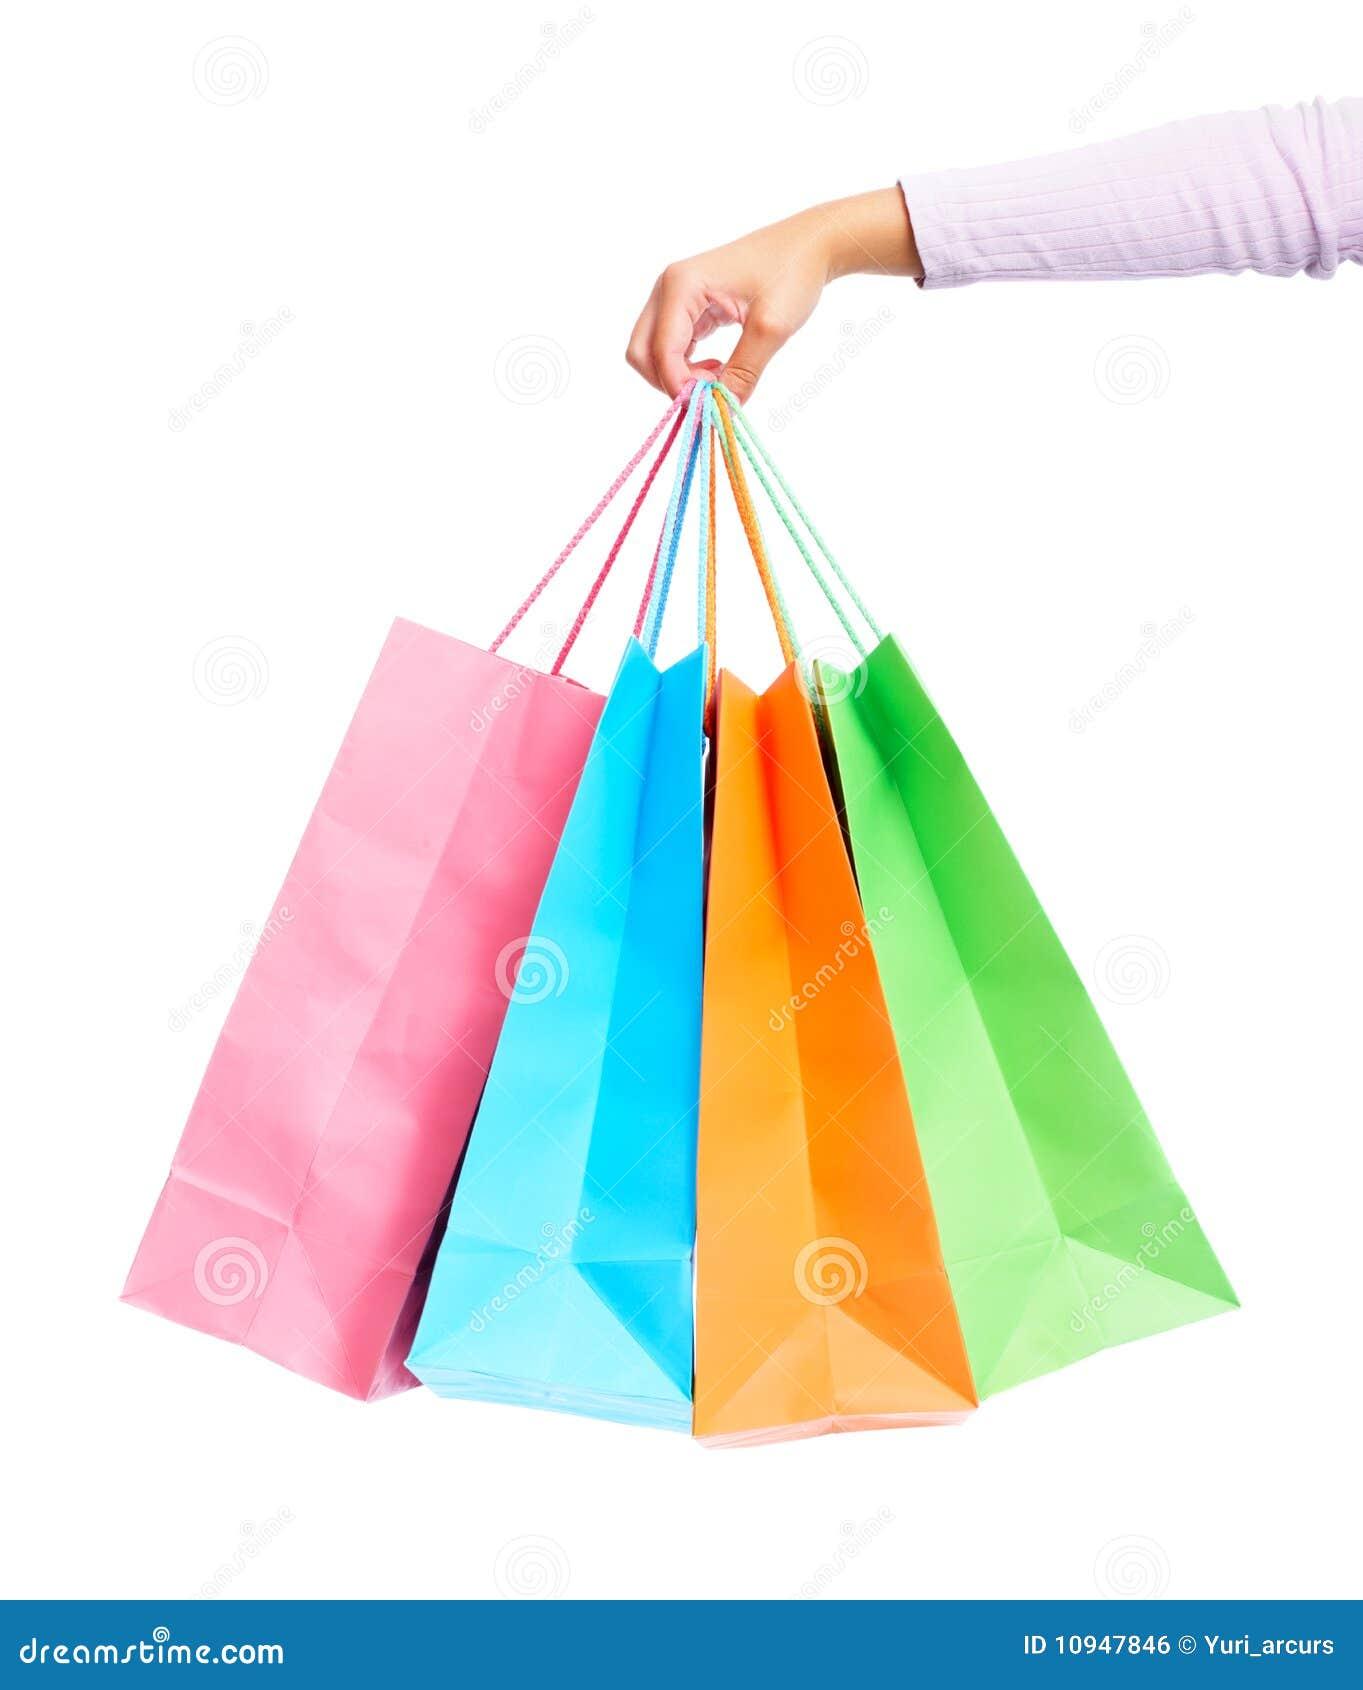 Photographs Shopping Bag - borzii